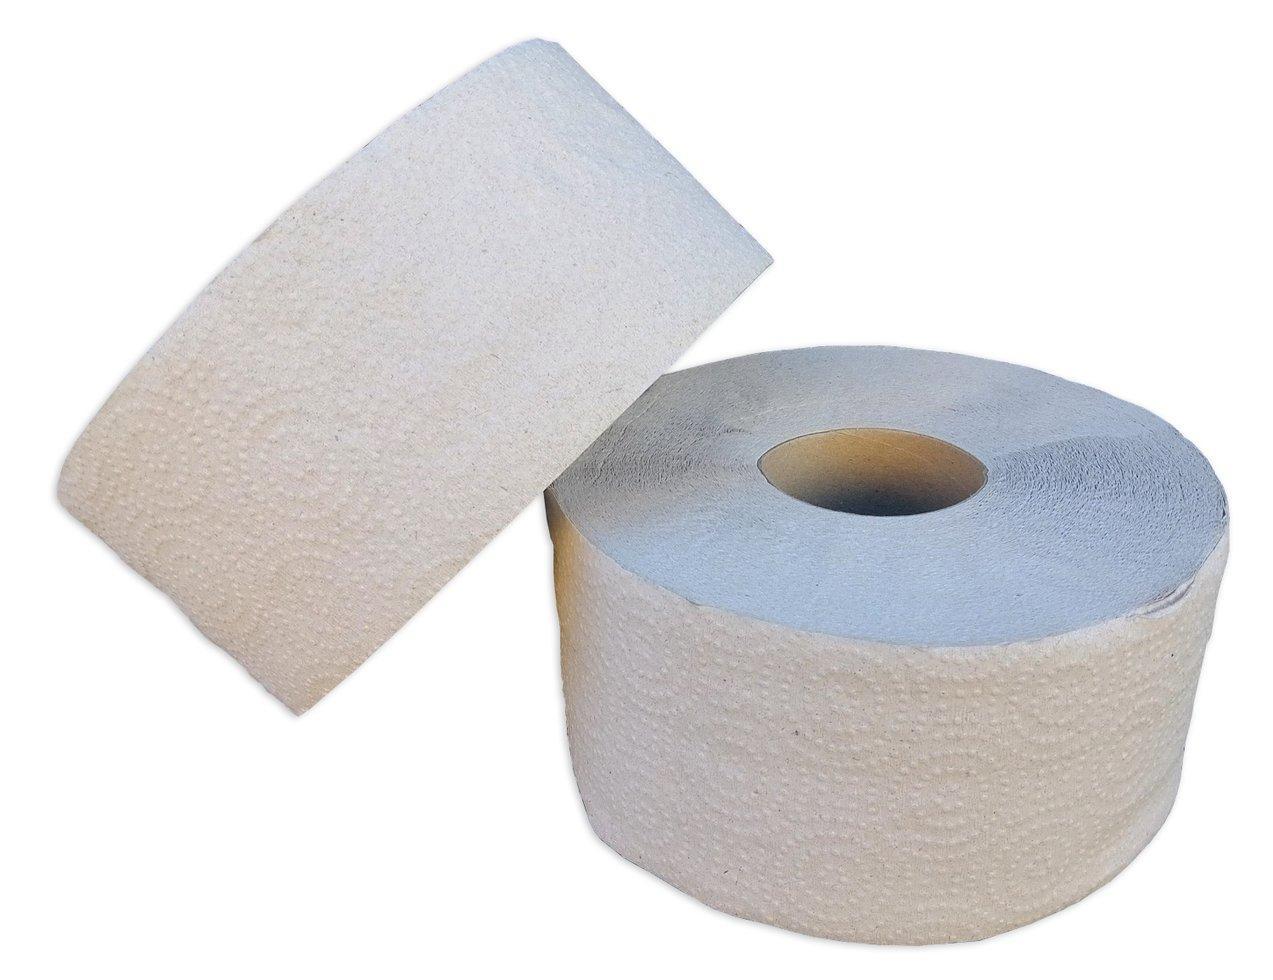 Туалетная бумага «Джамбо» однослойная серая с перфорацие. В рулоне 100 м (Green ix)